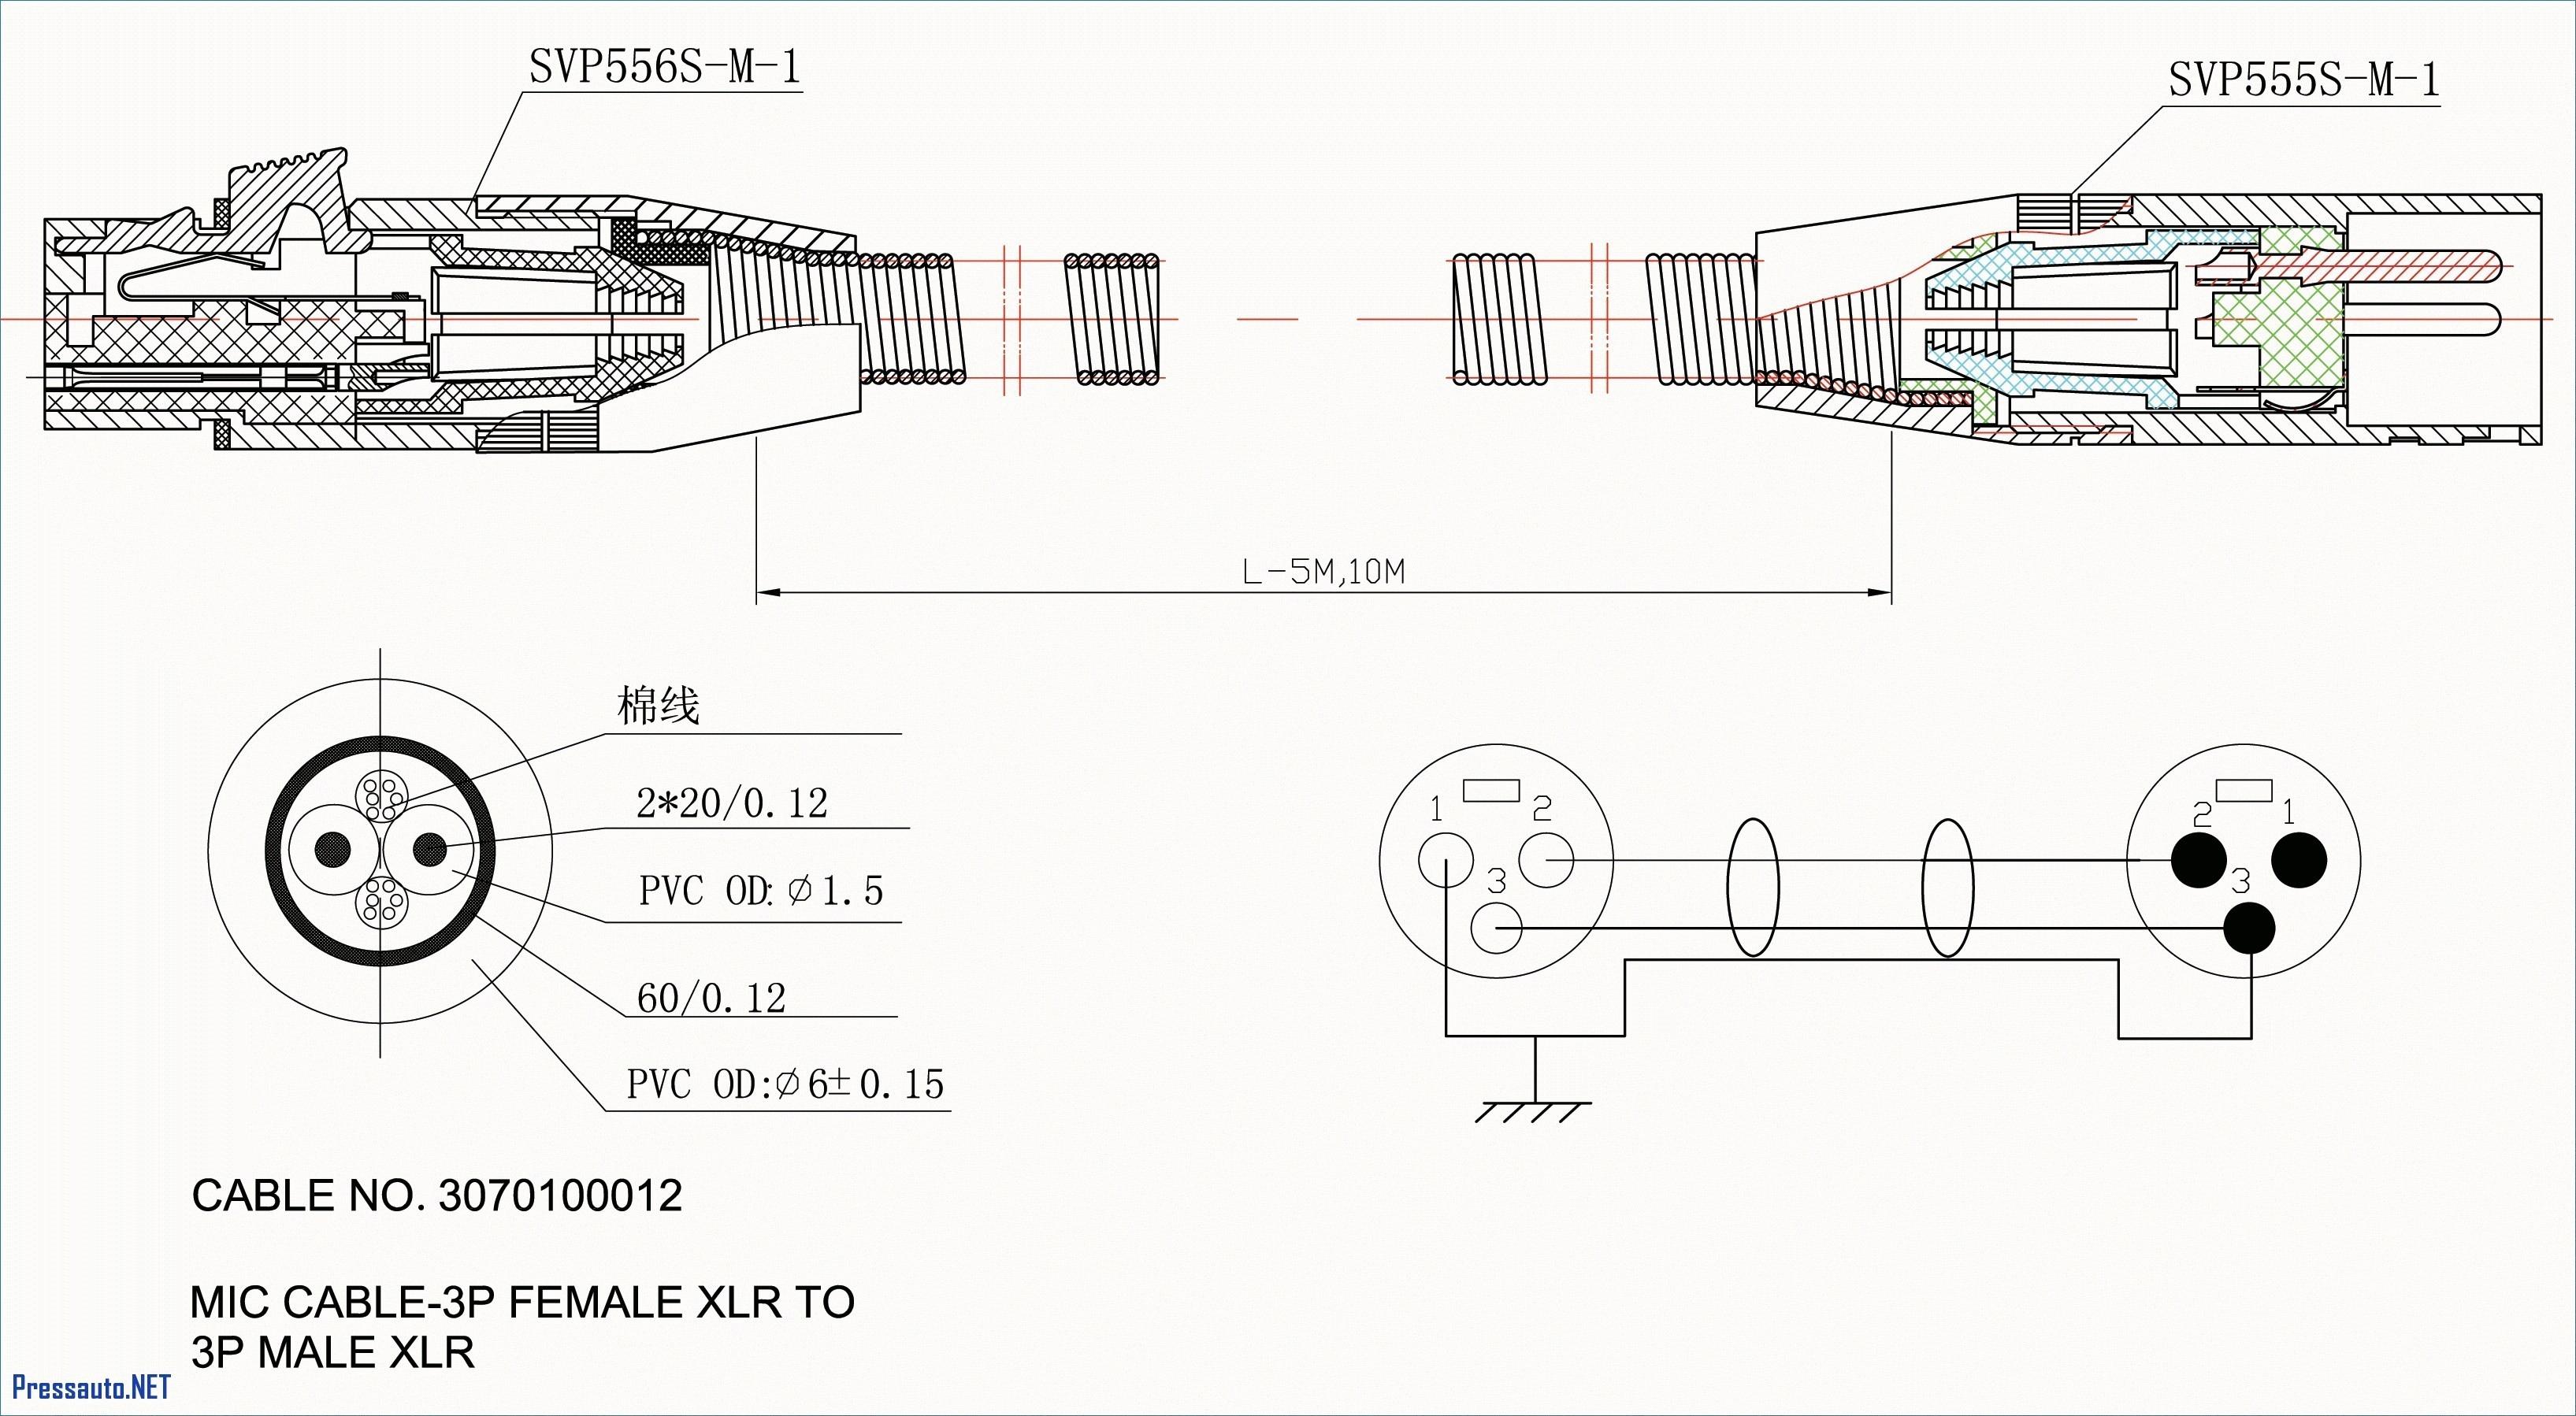 Club Car Wiring Diagram 36 Volt Awesome Club Car Wiring Diagram 36 - 36 Volt Club Car Golf Cart Wiring Diagram